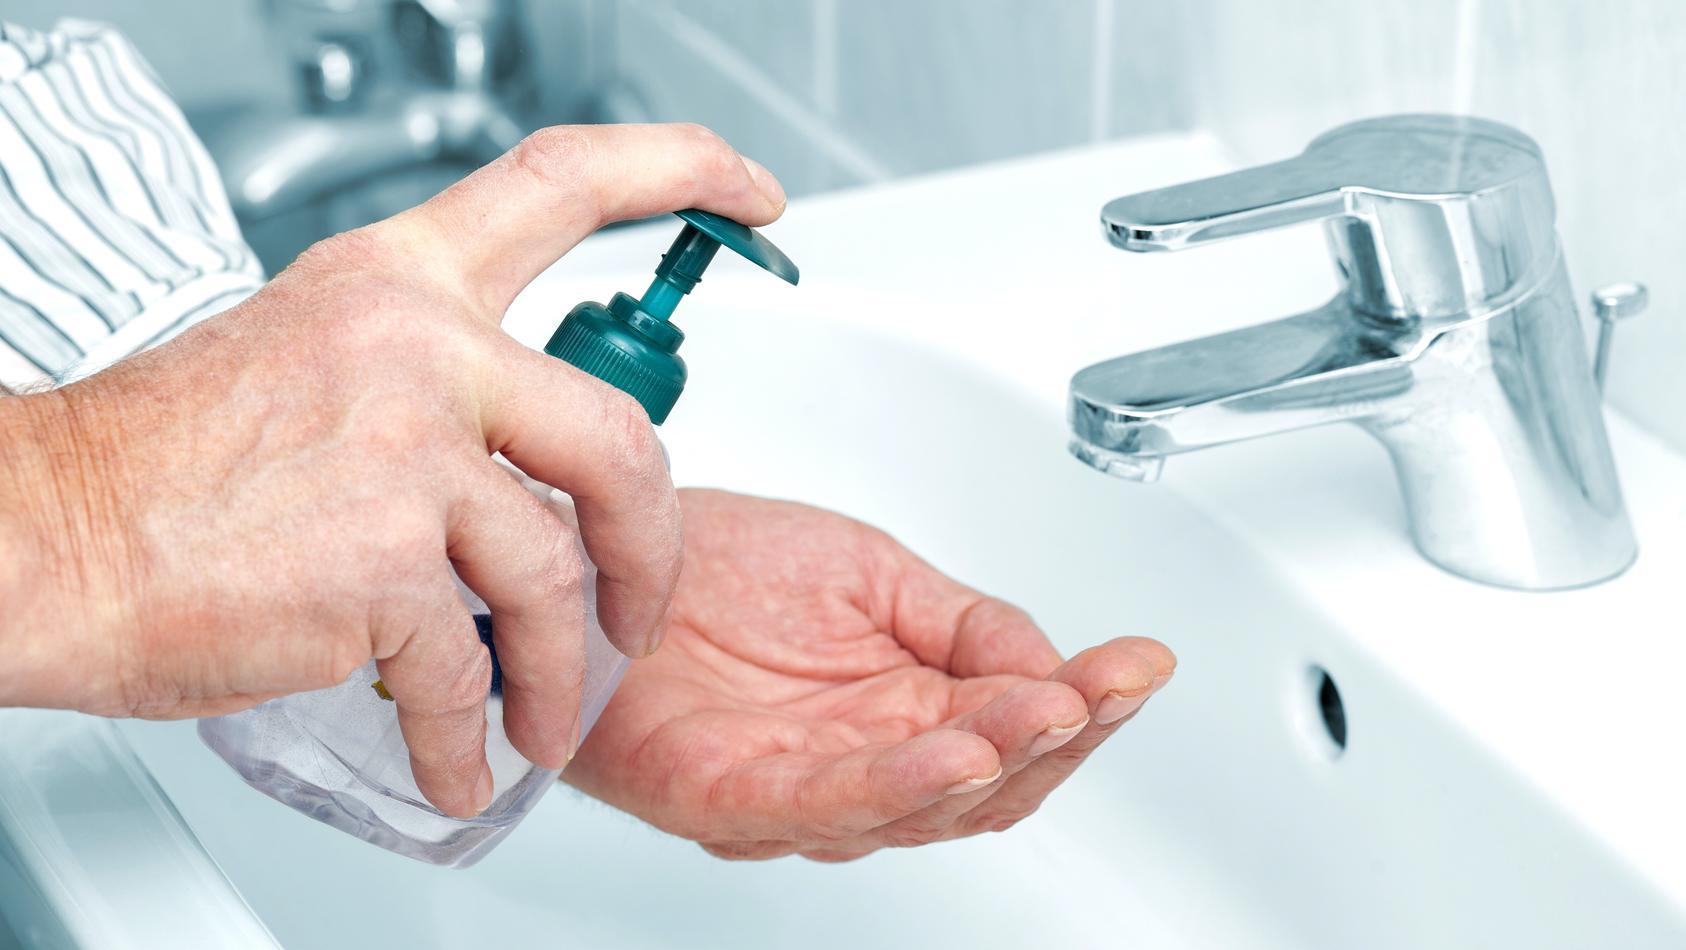 Seife ist nicht gleich Seife: Öko-Test hat 55 Flüssigseifen geprüft.